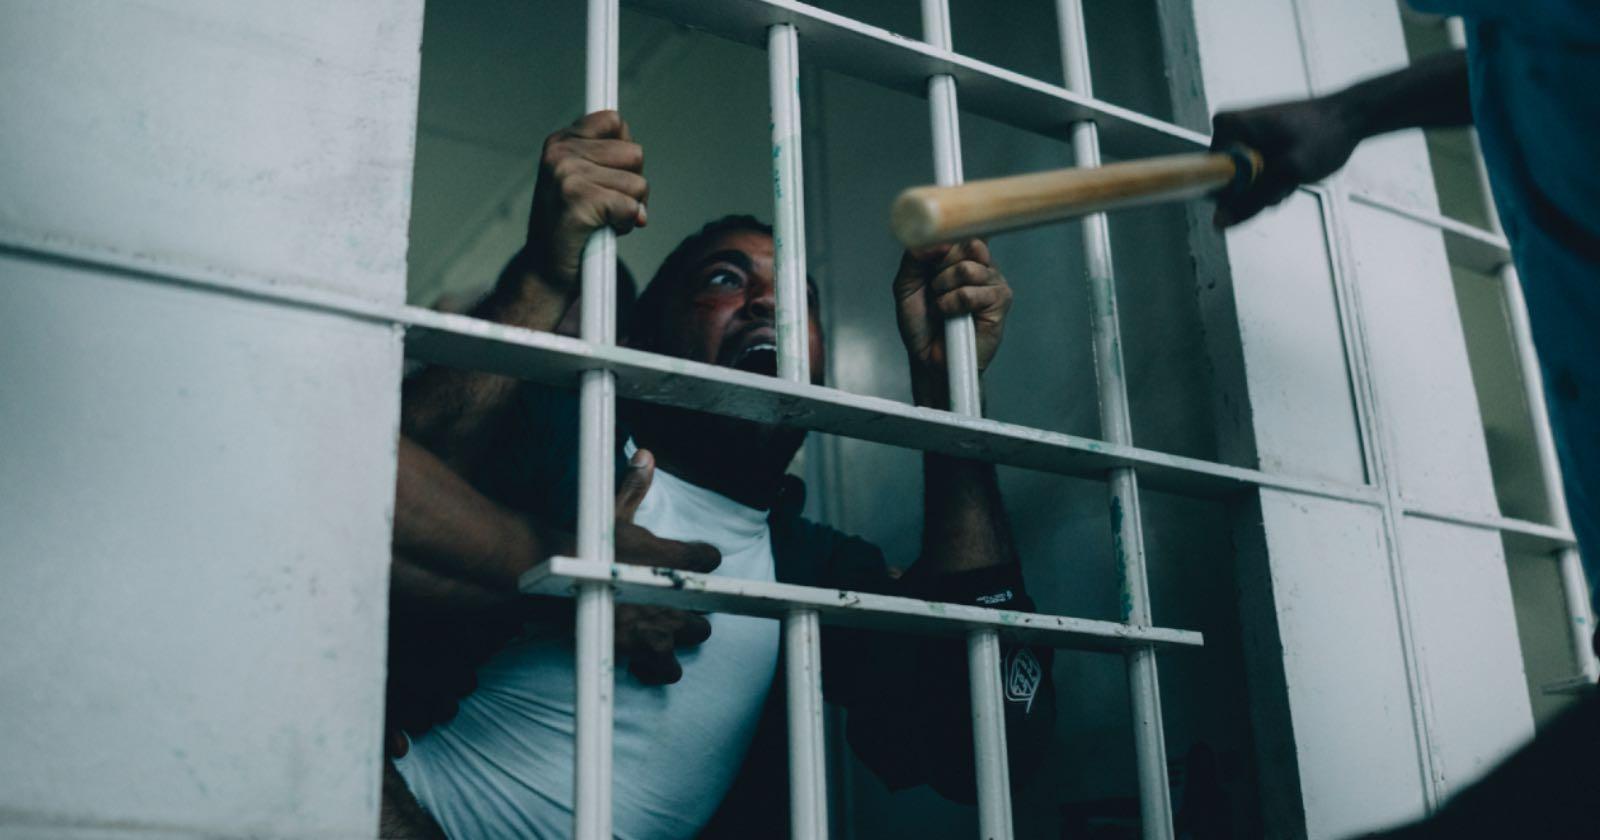 Imagen de Korey Wisey justo antes de ser brutalmente golpeado por otros internos en una cárcel de EE.UU